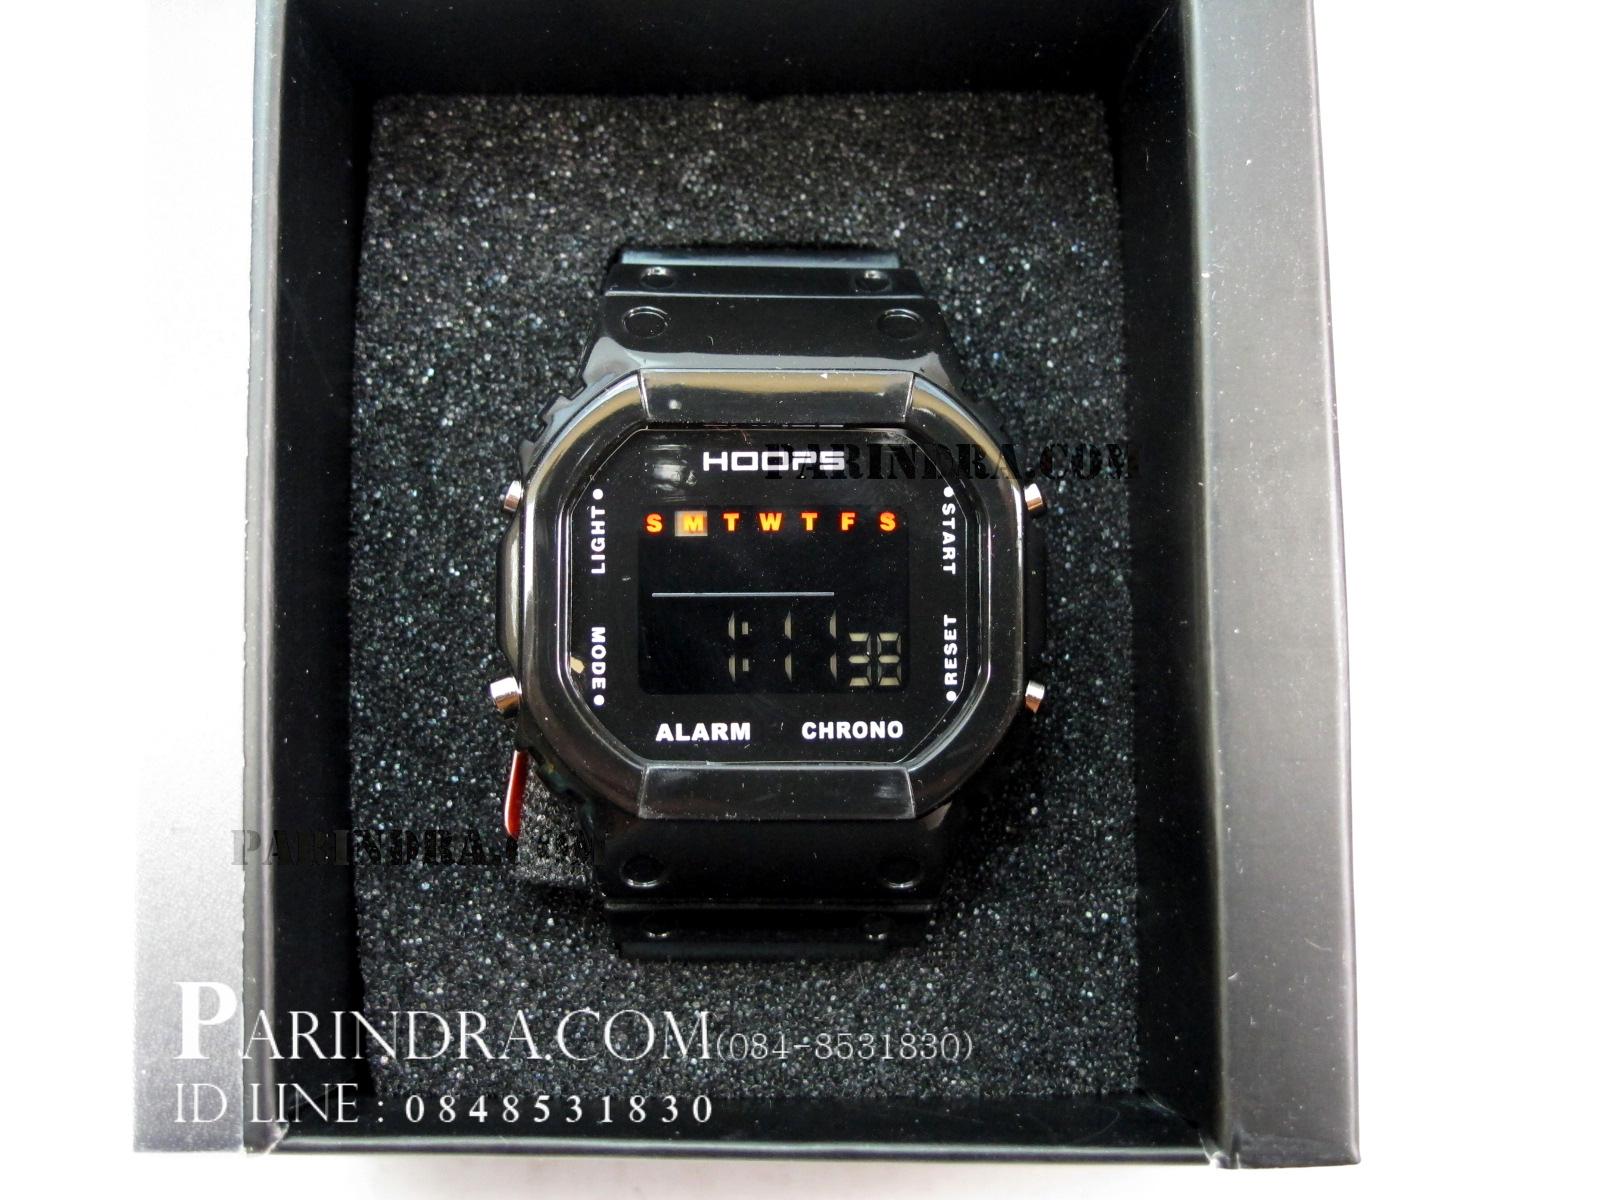 นาฬิกา Hoops ระบบดิจิตอลสีดำใส